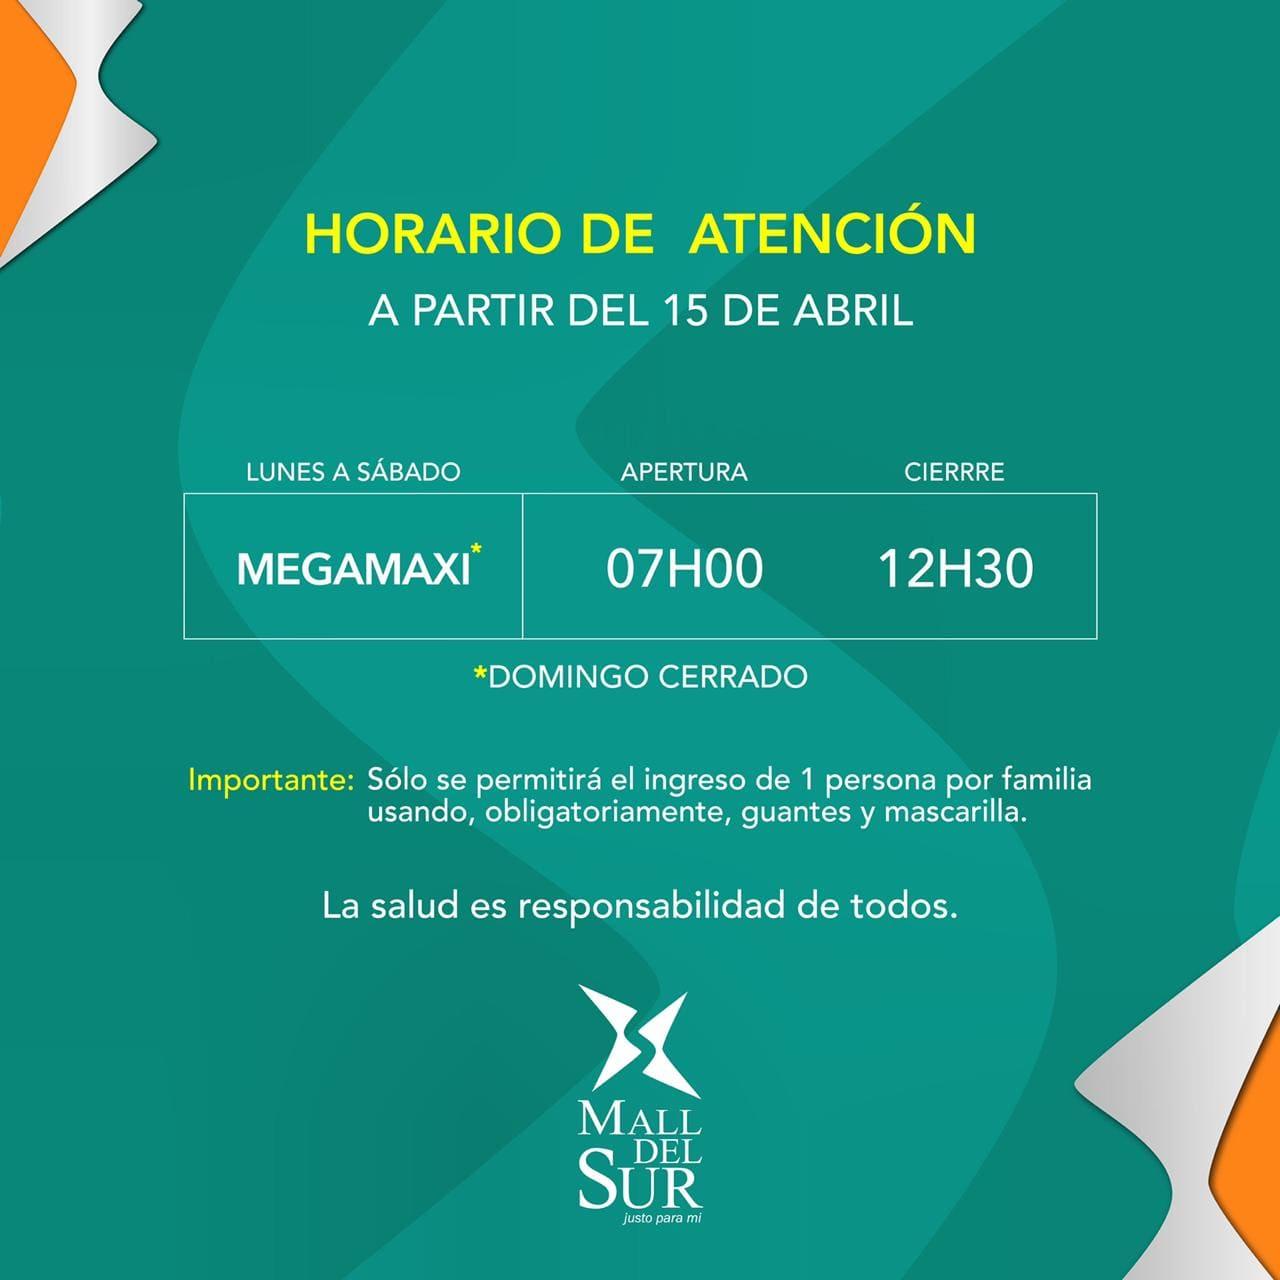 HORARIOS DE ATENCIÓN DE MALL DEL SUR